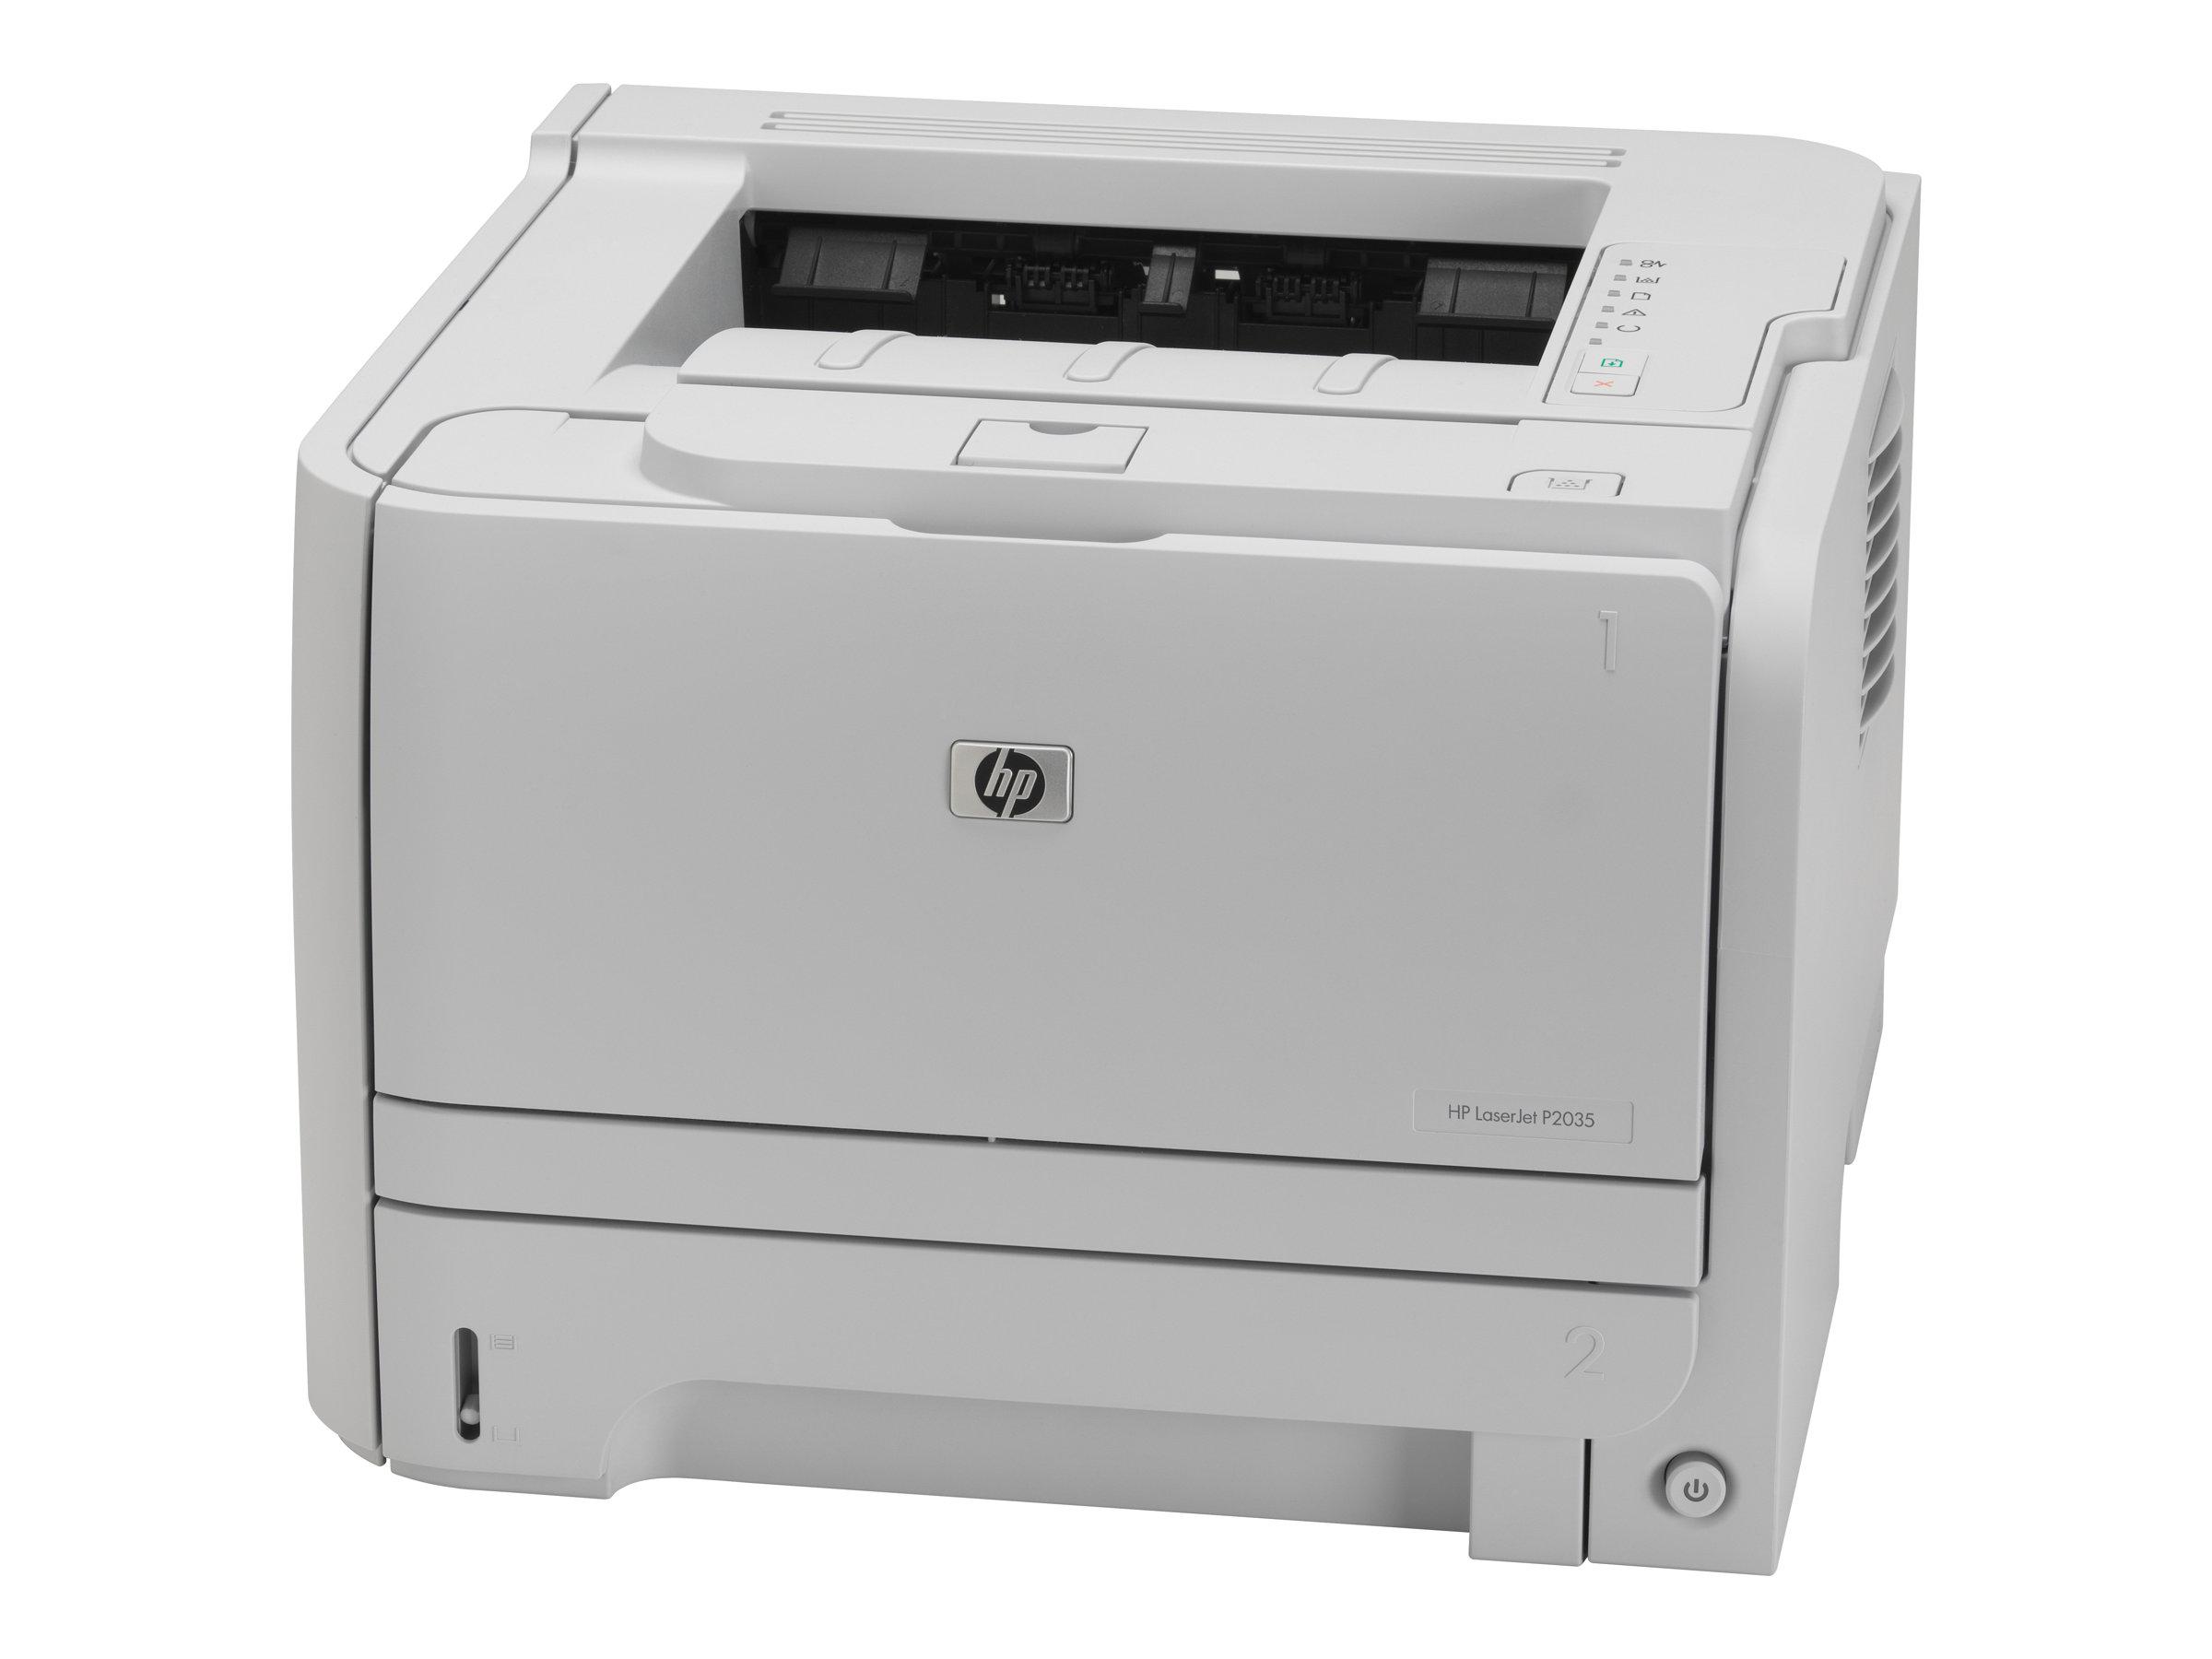 hp laserjet p2035 imprimante monochrome laser imprimantes laser neuves. Black Bedroom Furniture Sets. Home Design Ideas